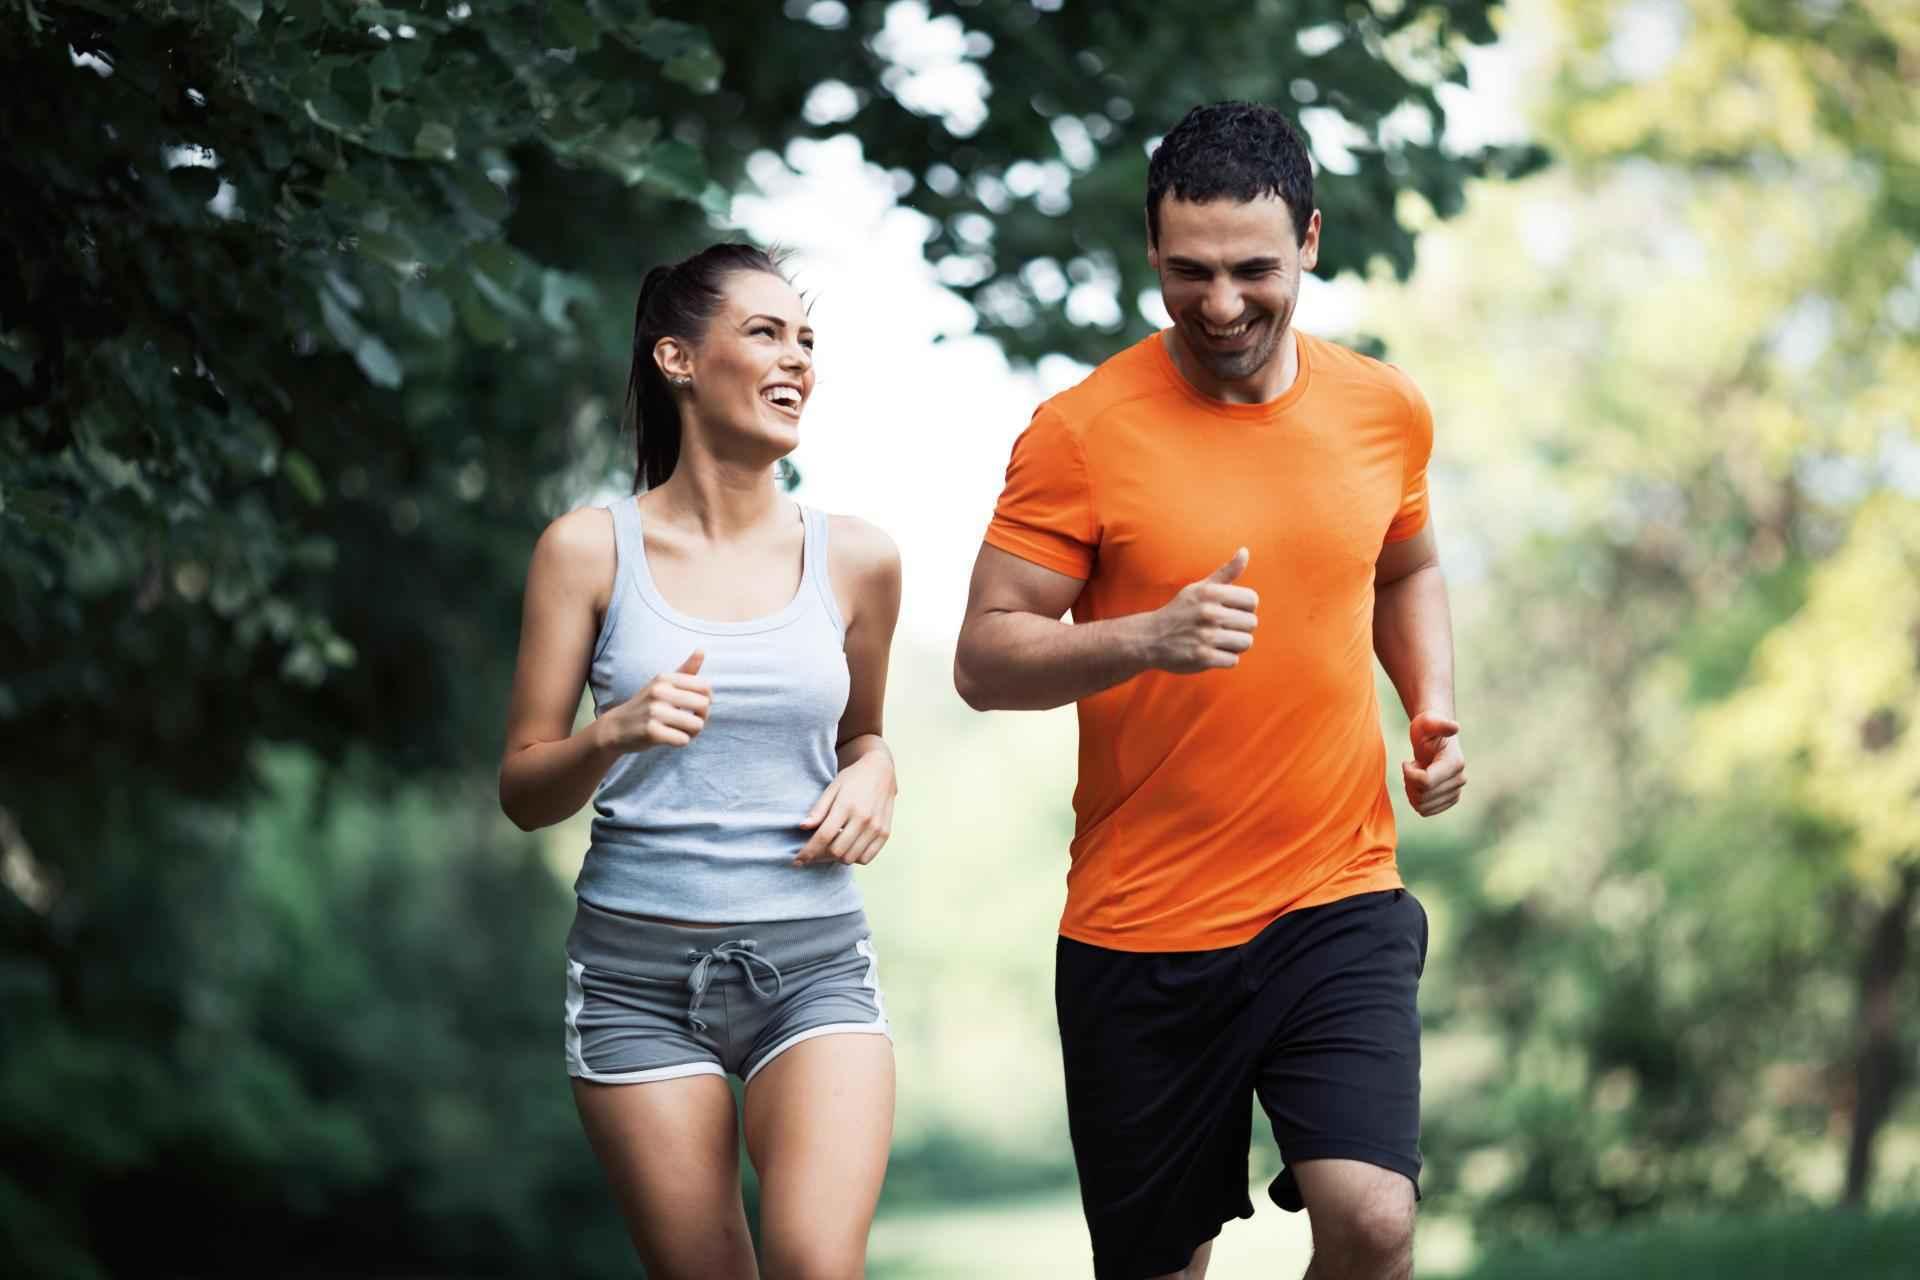 Come la salute gioca un ruolo nella tua relazione SDC.com